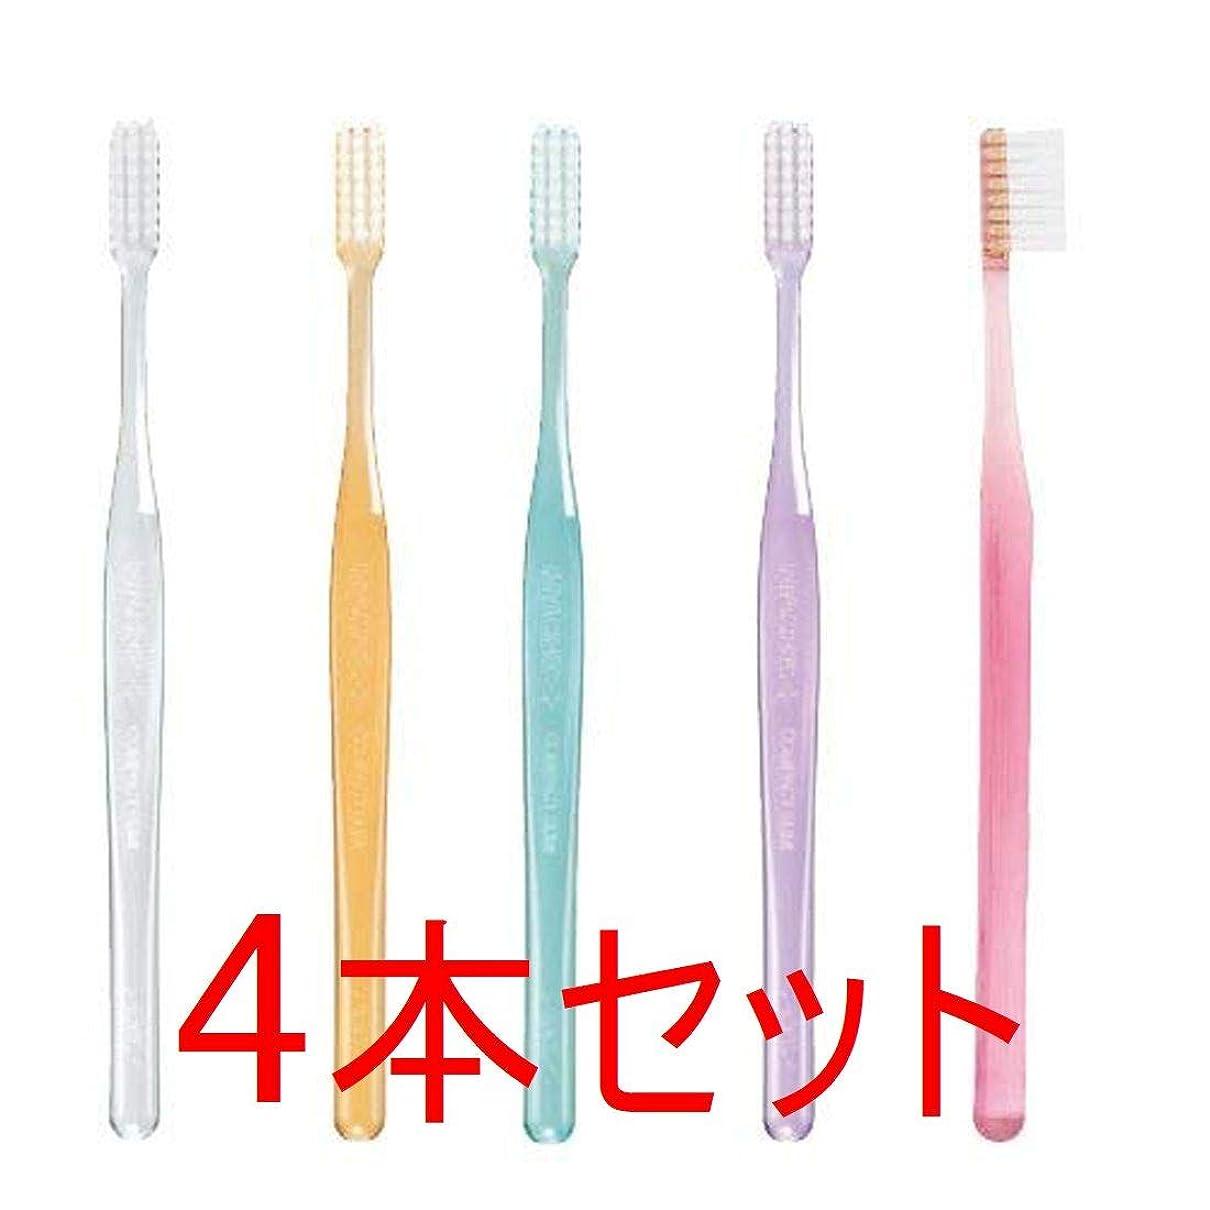 なぜ飢えブレースGC プロスペック 歯ブラシ プラス コンパクトスリム 4本 クリアー色 (M(ふつう), おまかせ)